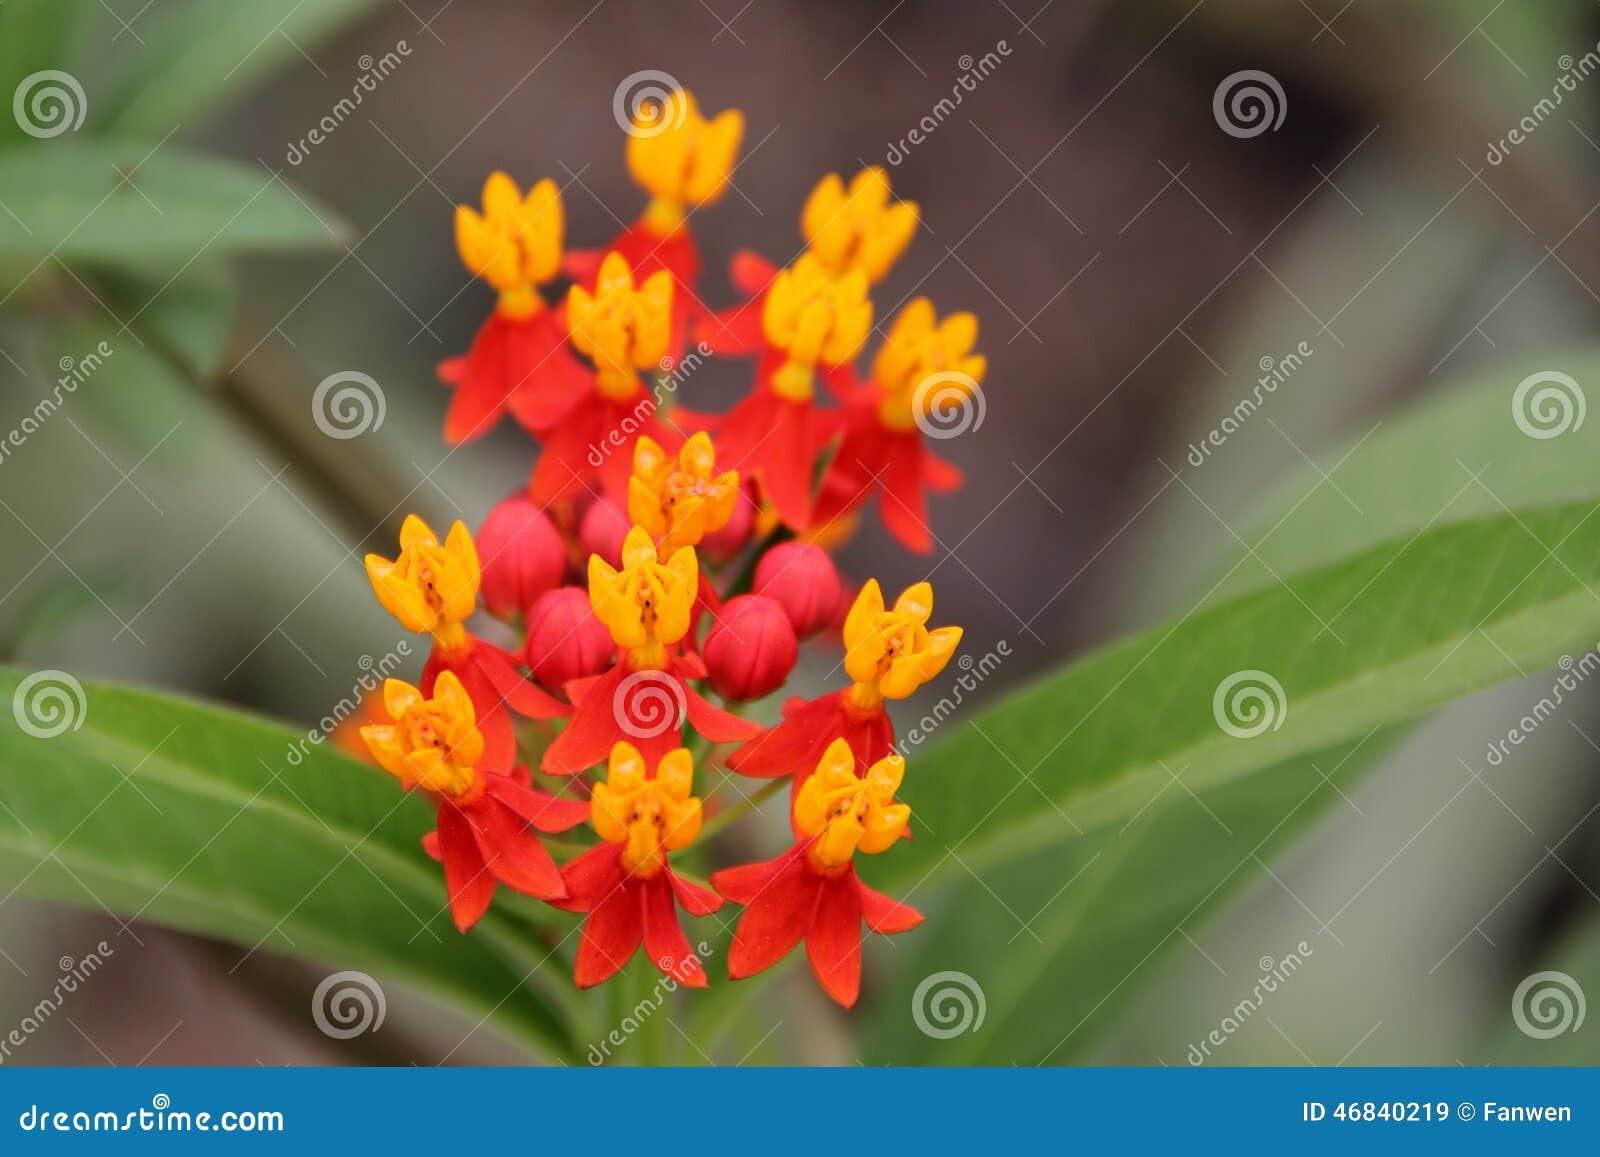 Mexican milkweed flower